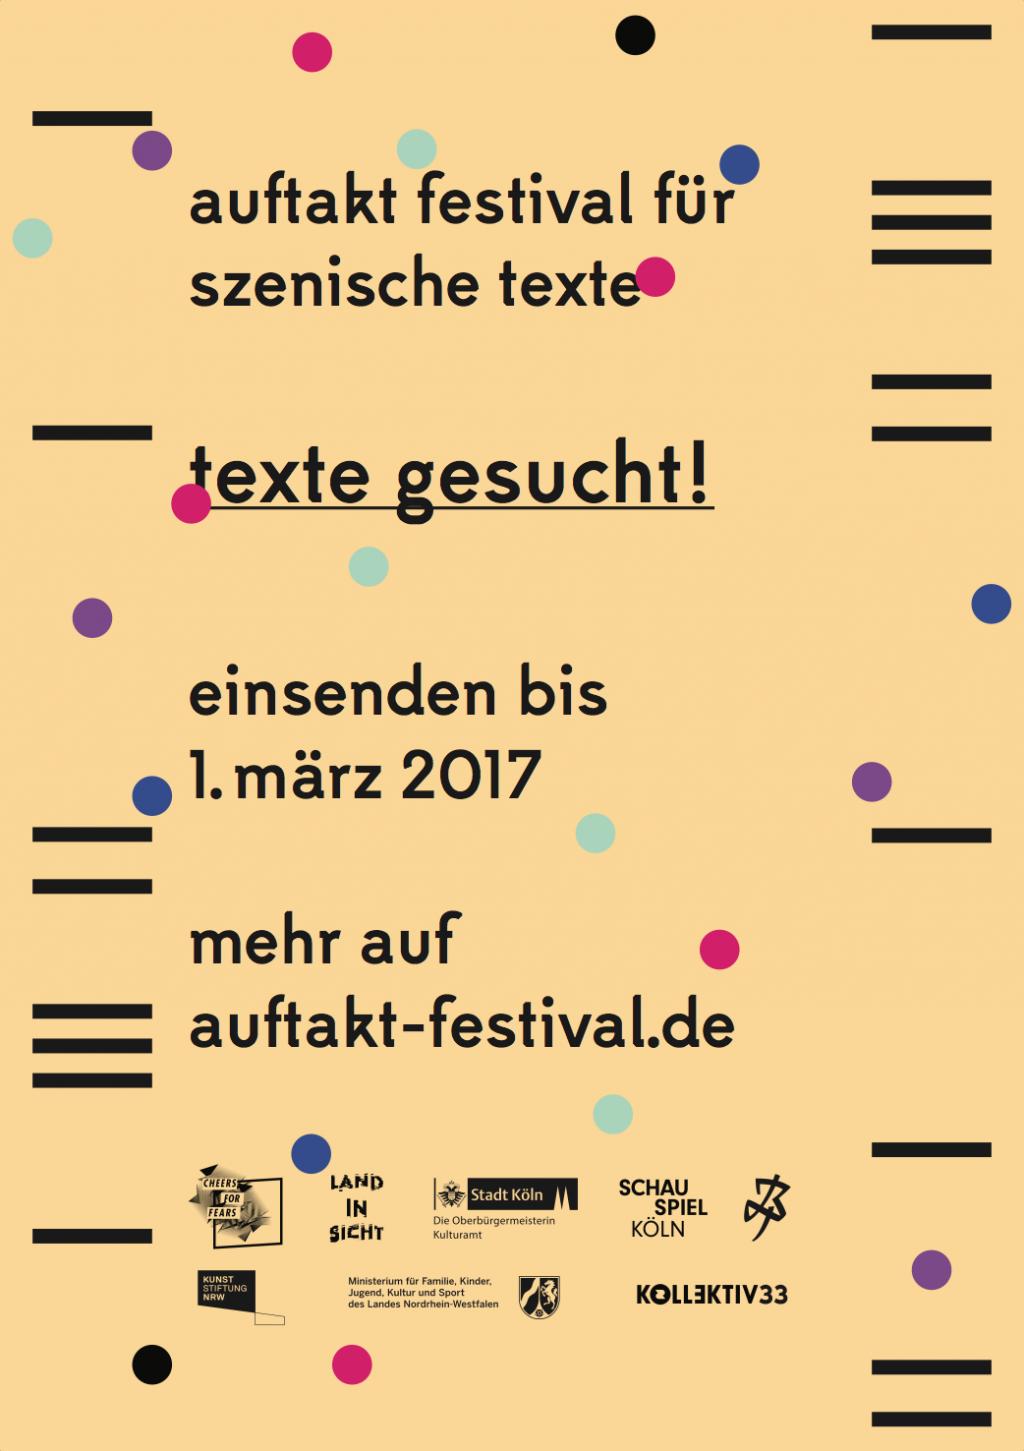 mariofrank auftakt festival für szenische texte